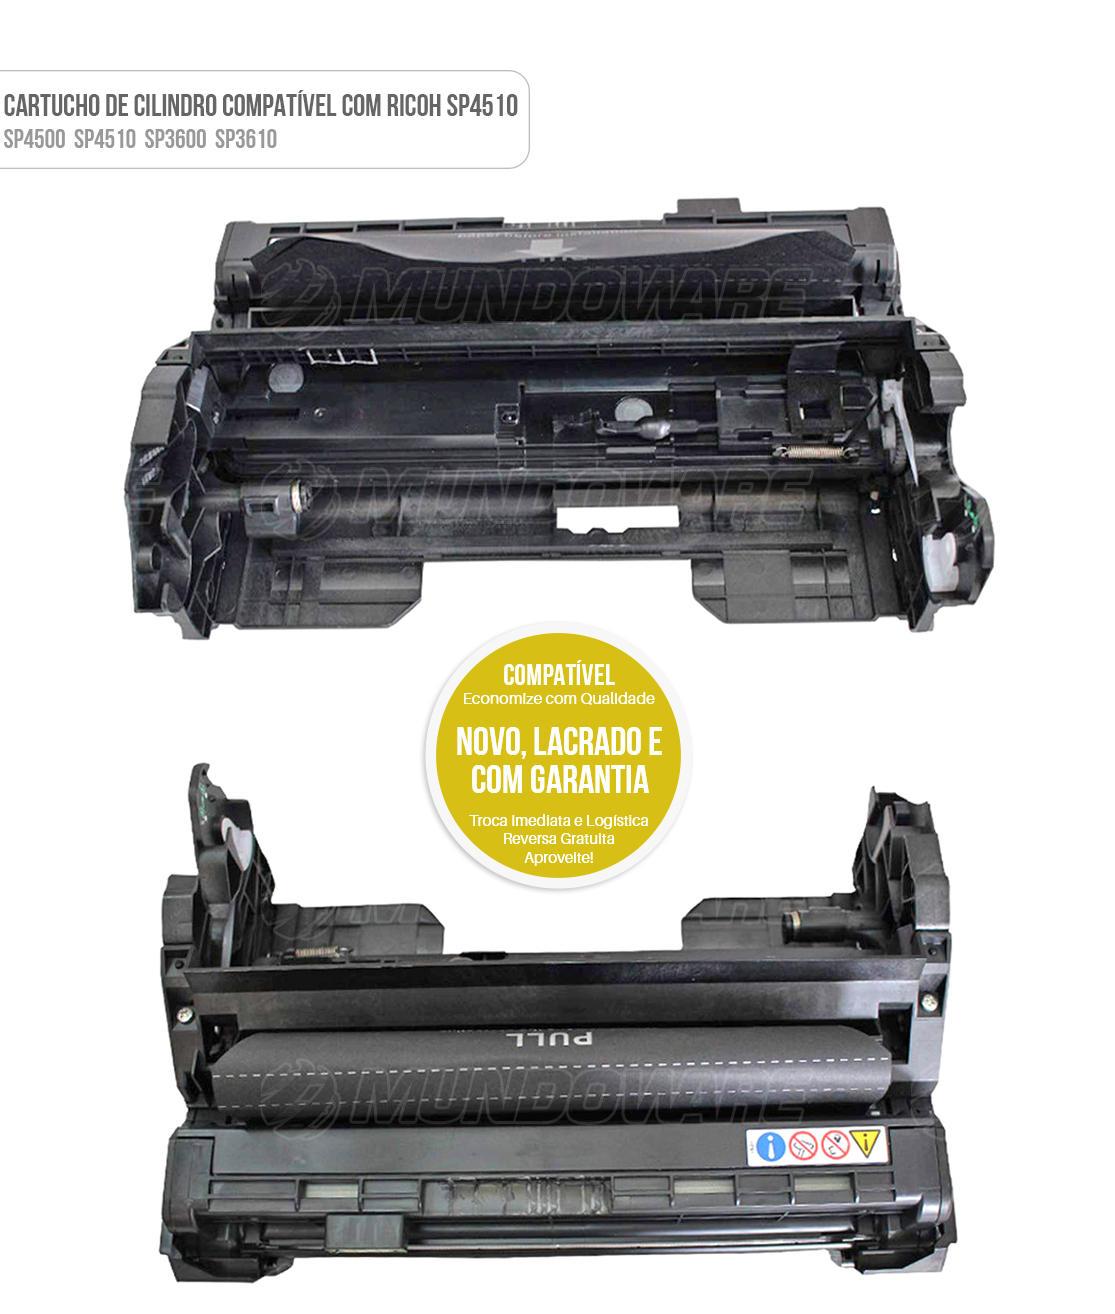 Cartucho de Cilindro Fotocondutor Compatível para Impressora Ricoh SP4510DN SP4510SF SP3600DN SP3600SF SP3610SF SP4510SFT